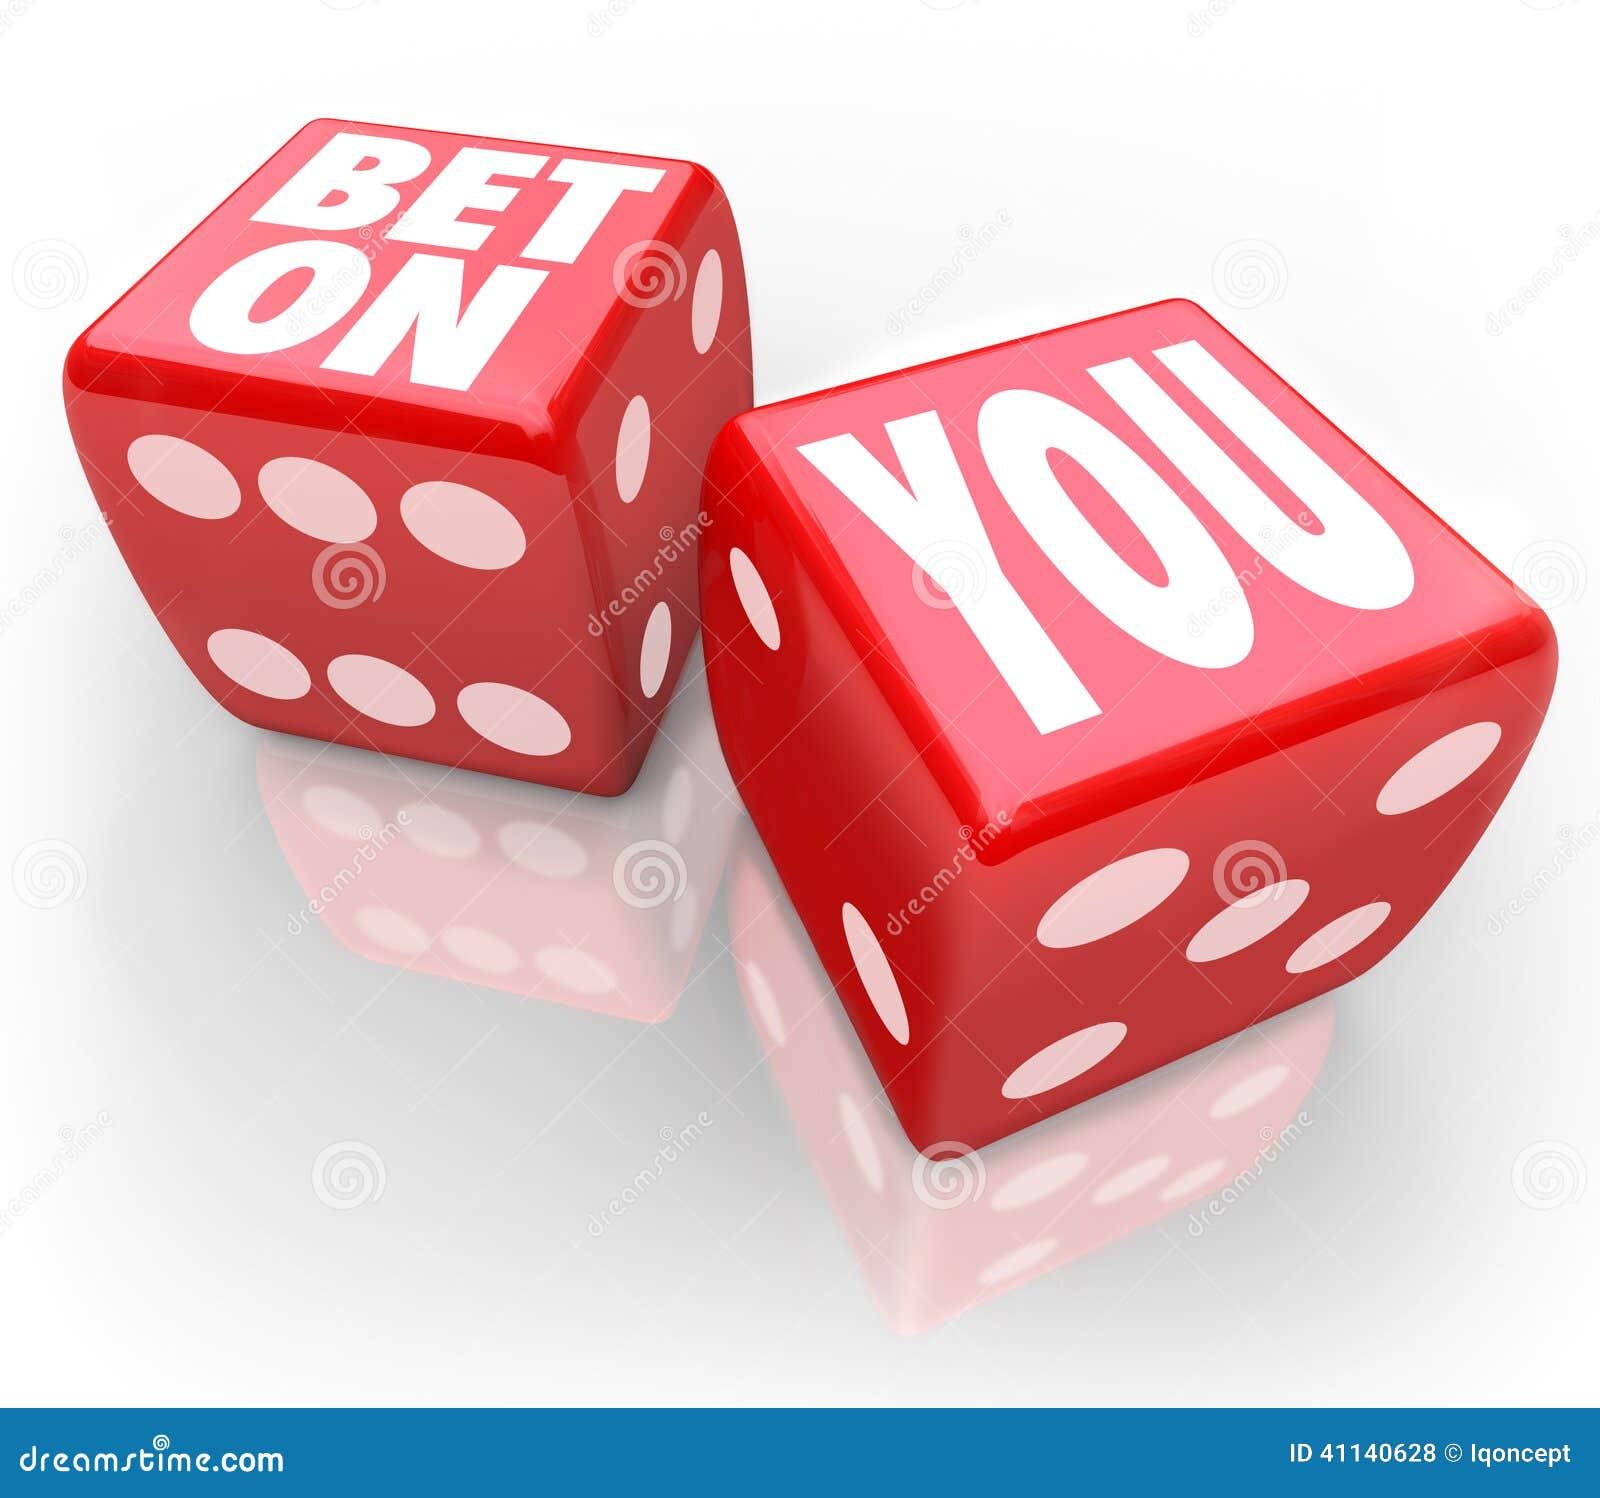 Bet On You Two Dice-het Zelfvertrouwen volgt Uw Dromen